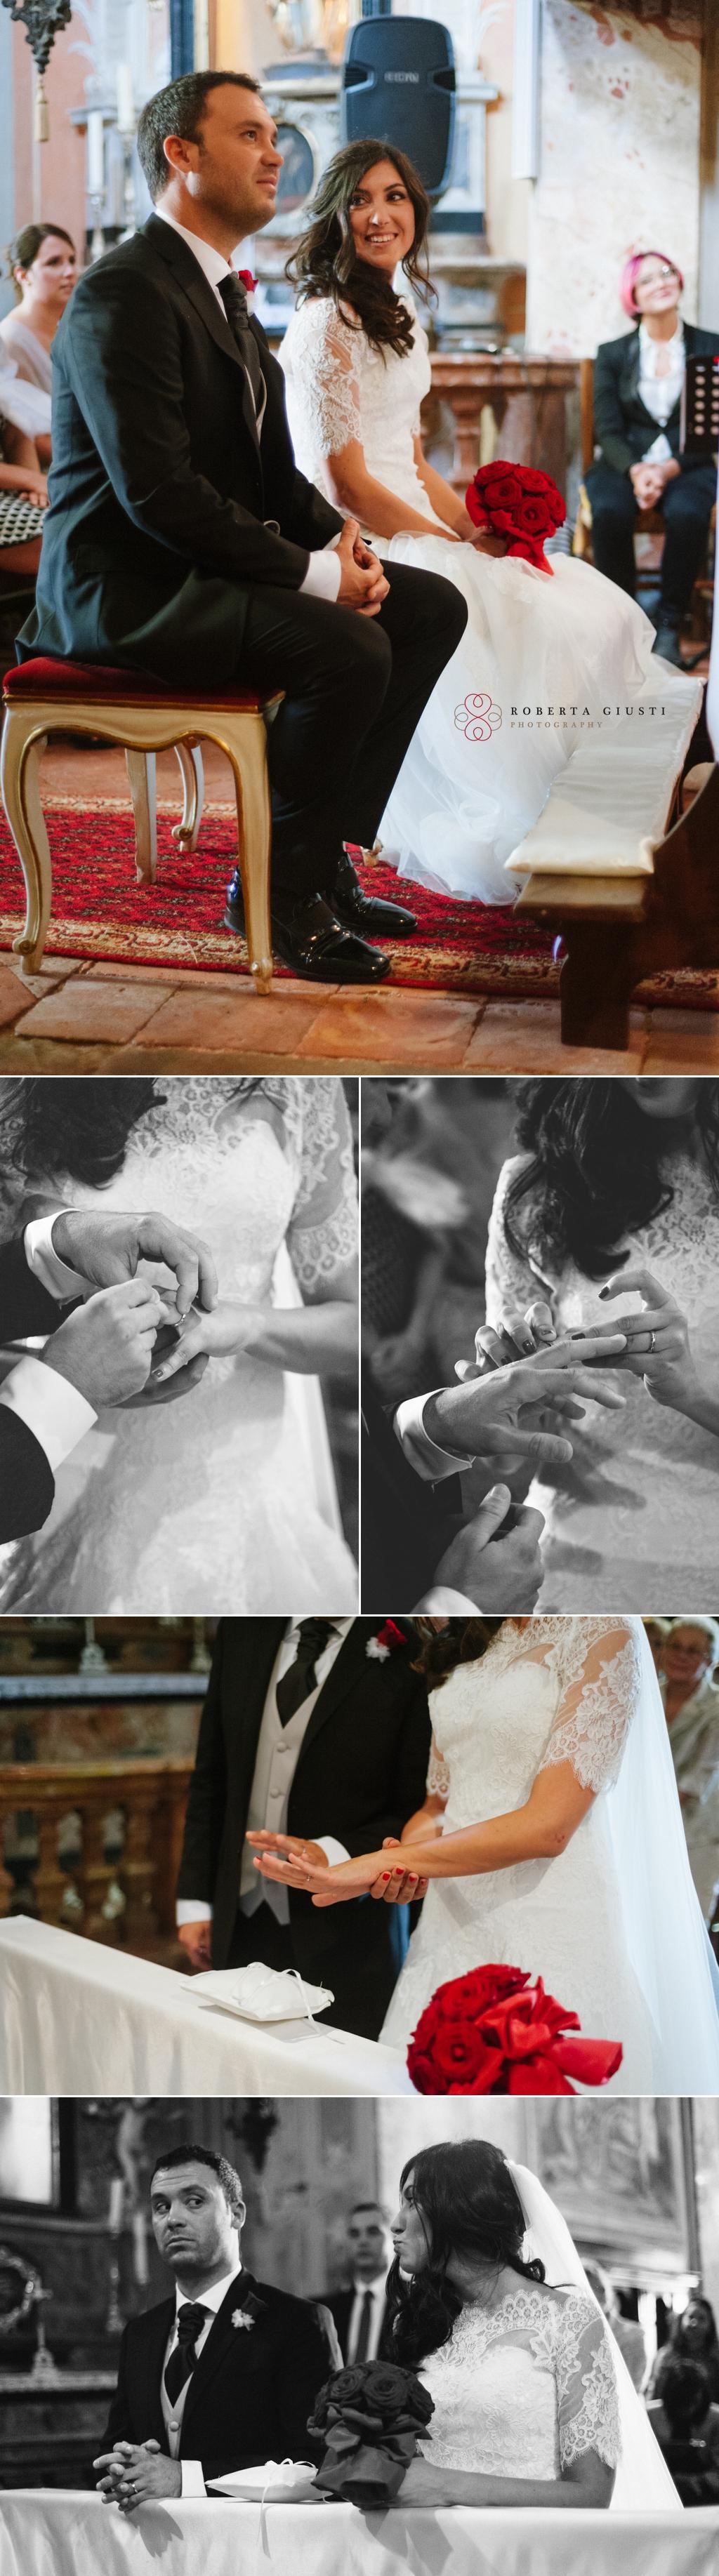 fotografia matrimonio scambio fedi